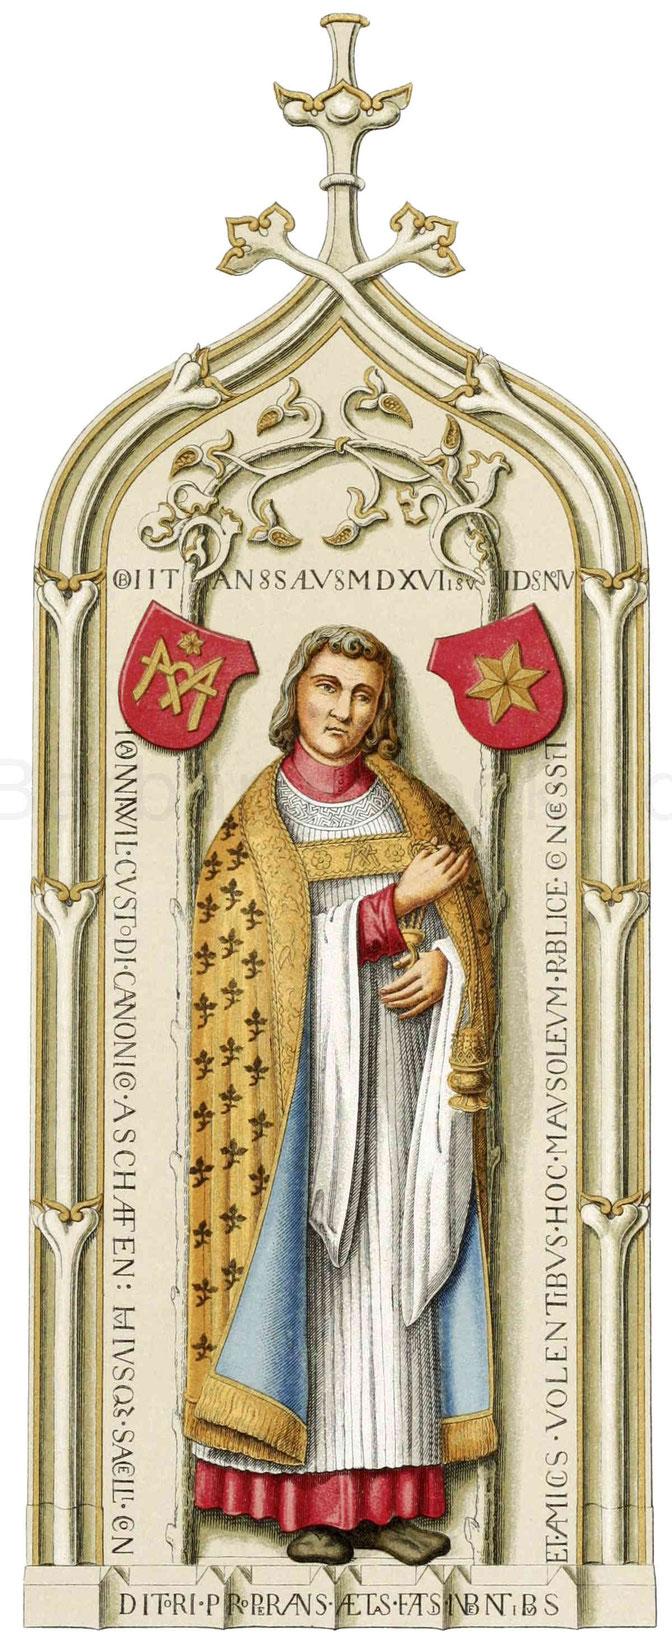 Priesterntracht aus dem 16. Jahrhundert